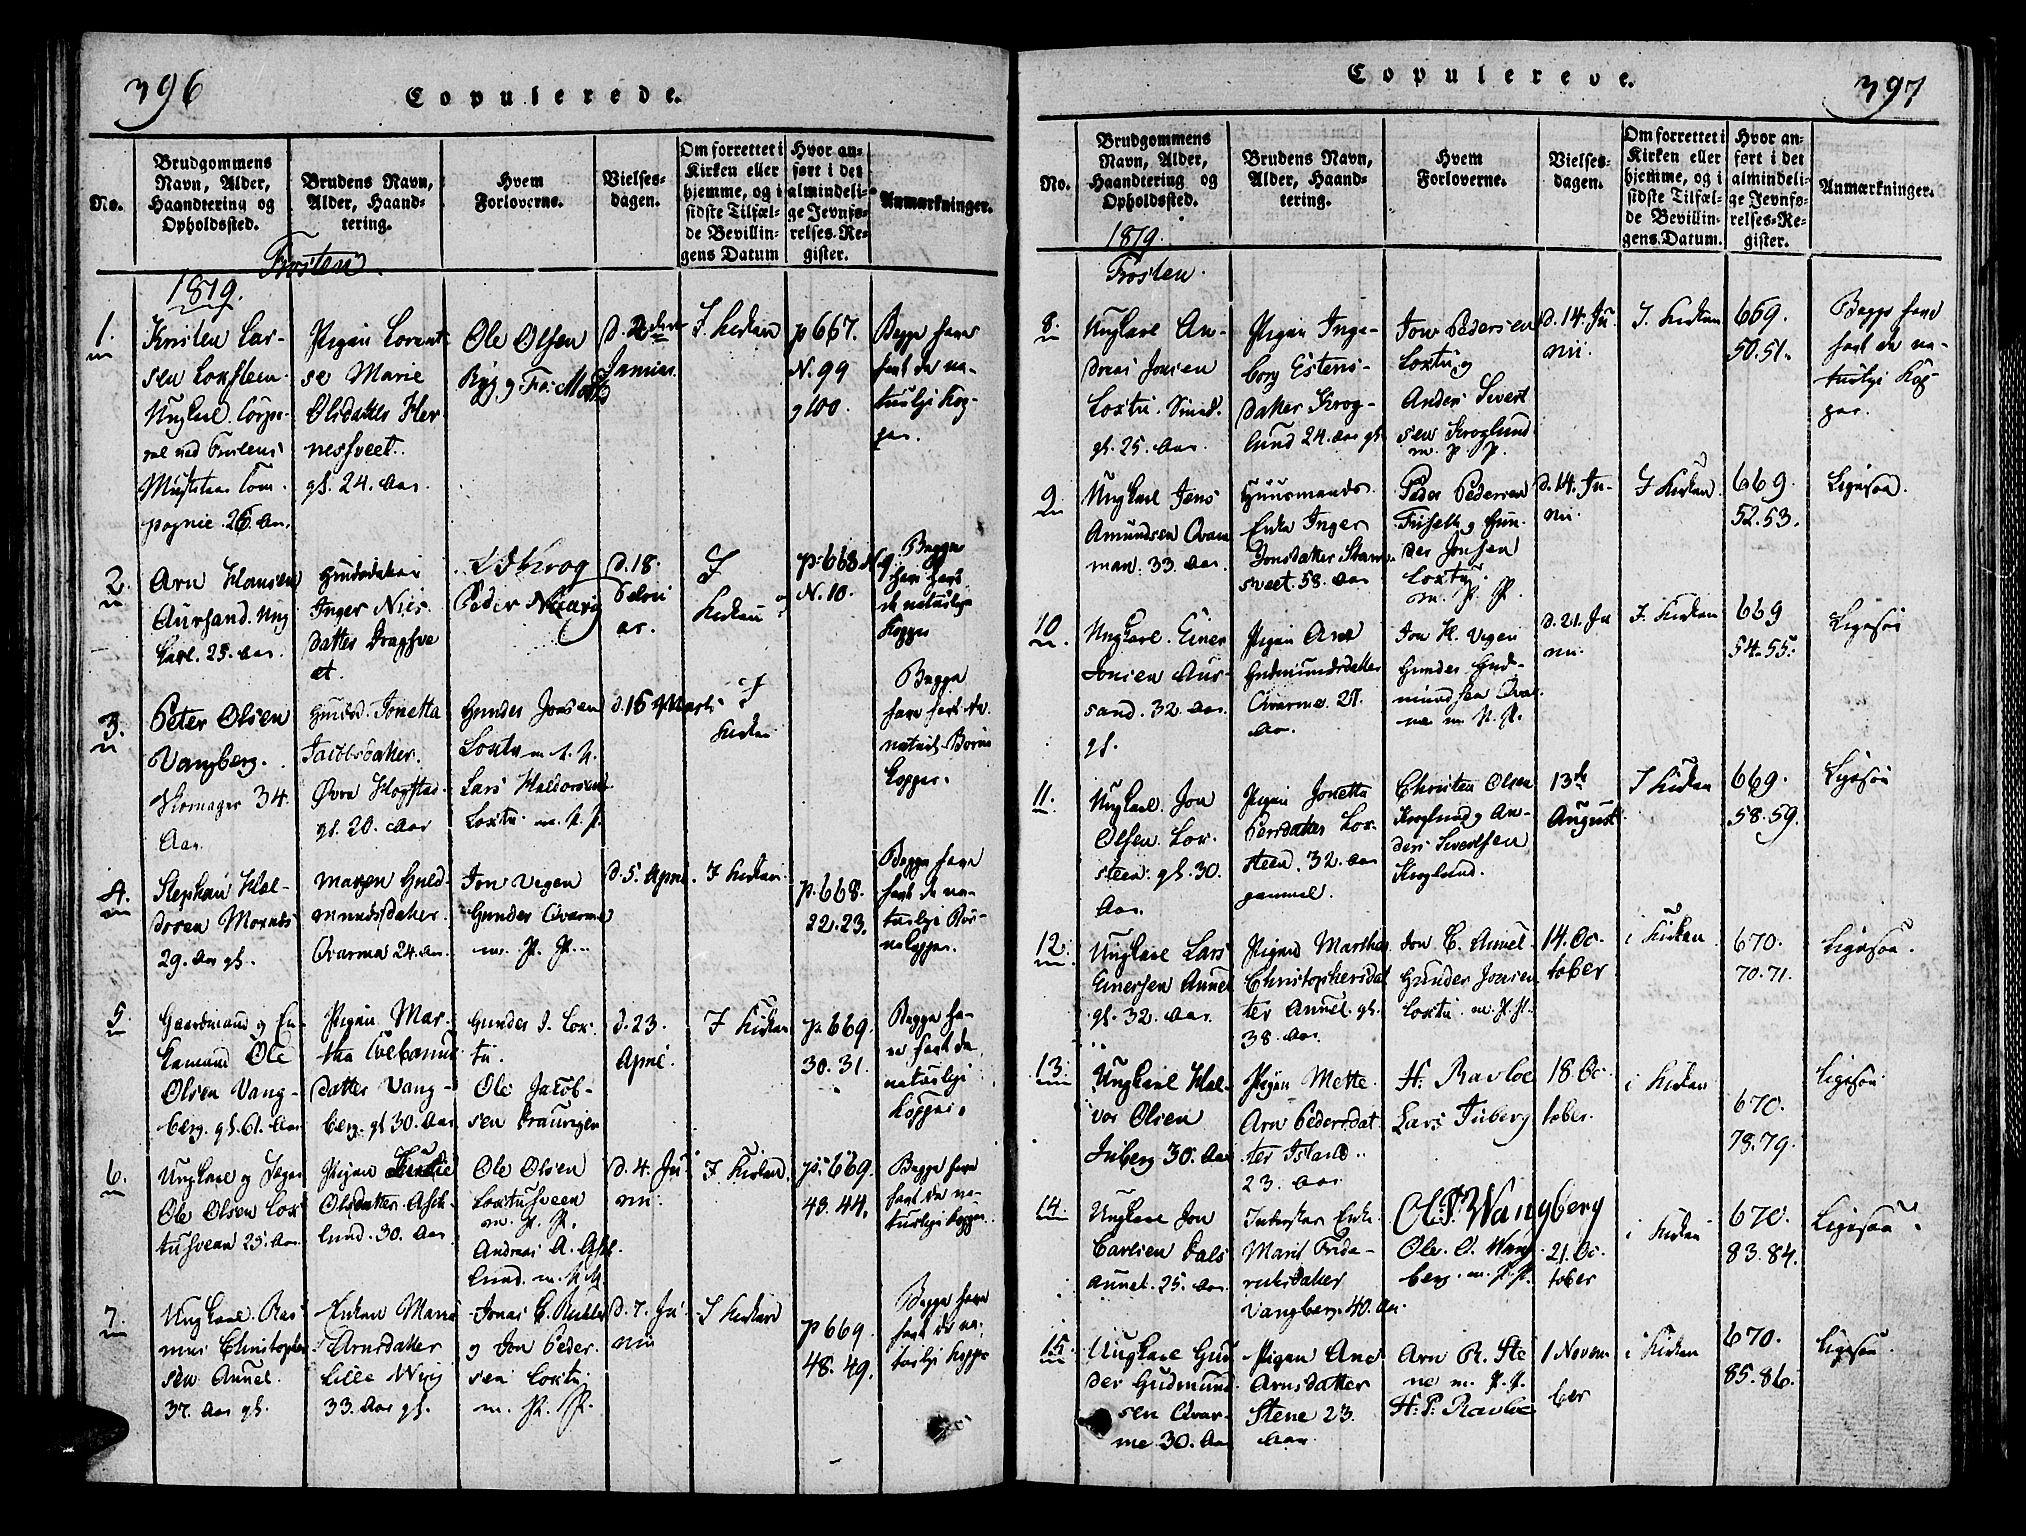 SAT, Ministerialprotokoller, klokkerbøker og fødselsregistre - Nord-Trøndelag, 713/L0112: Ministerialbok nr. 713A04 /1, 1817-1827, s. 396-397